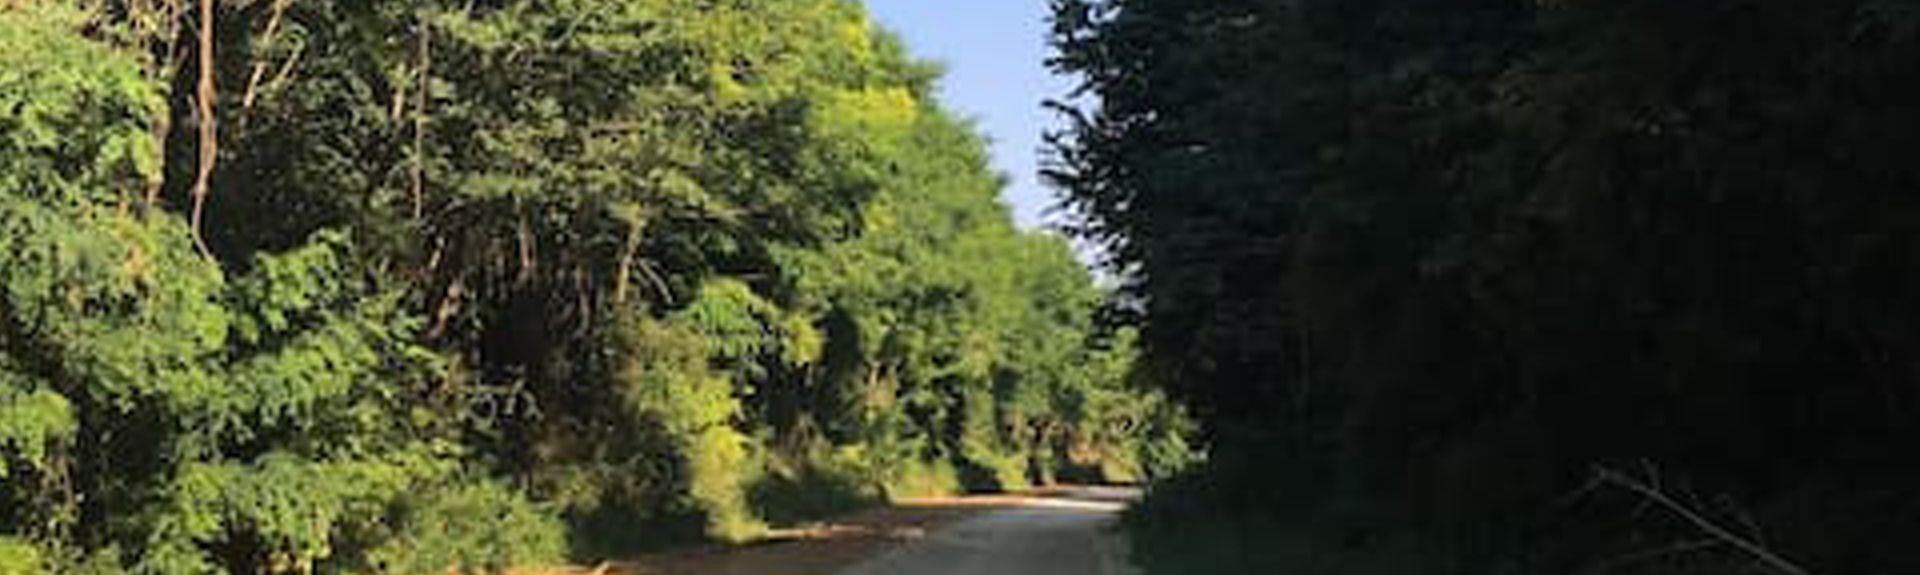 Ormoy-le-Davien, Hauts-de-France, Frankreich